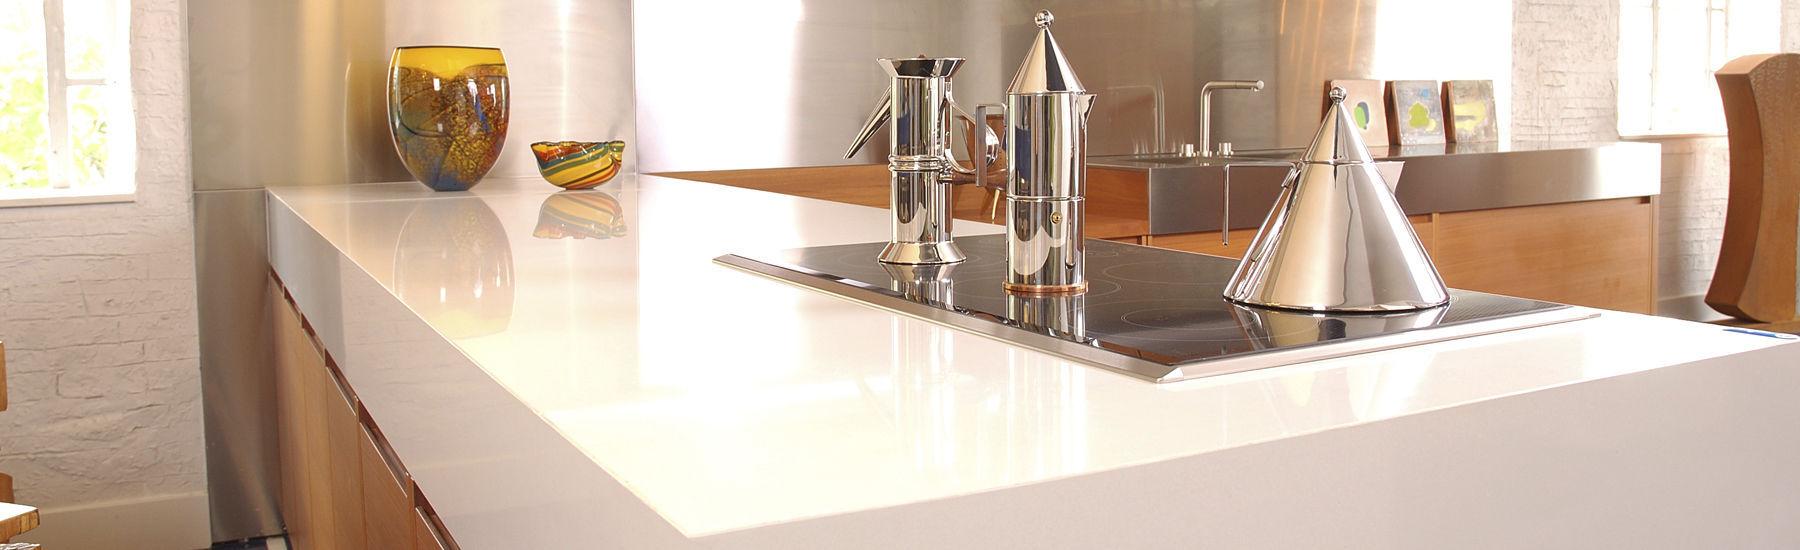 quartz composite countertops opal quartz quartz composite countertop kitchen quartz glaciar compac the